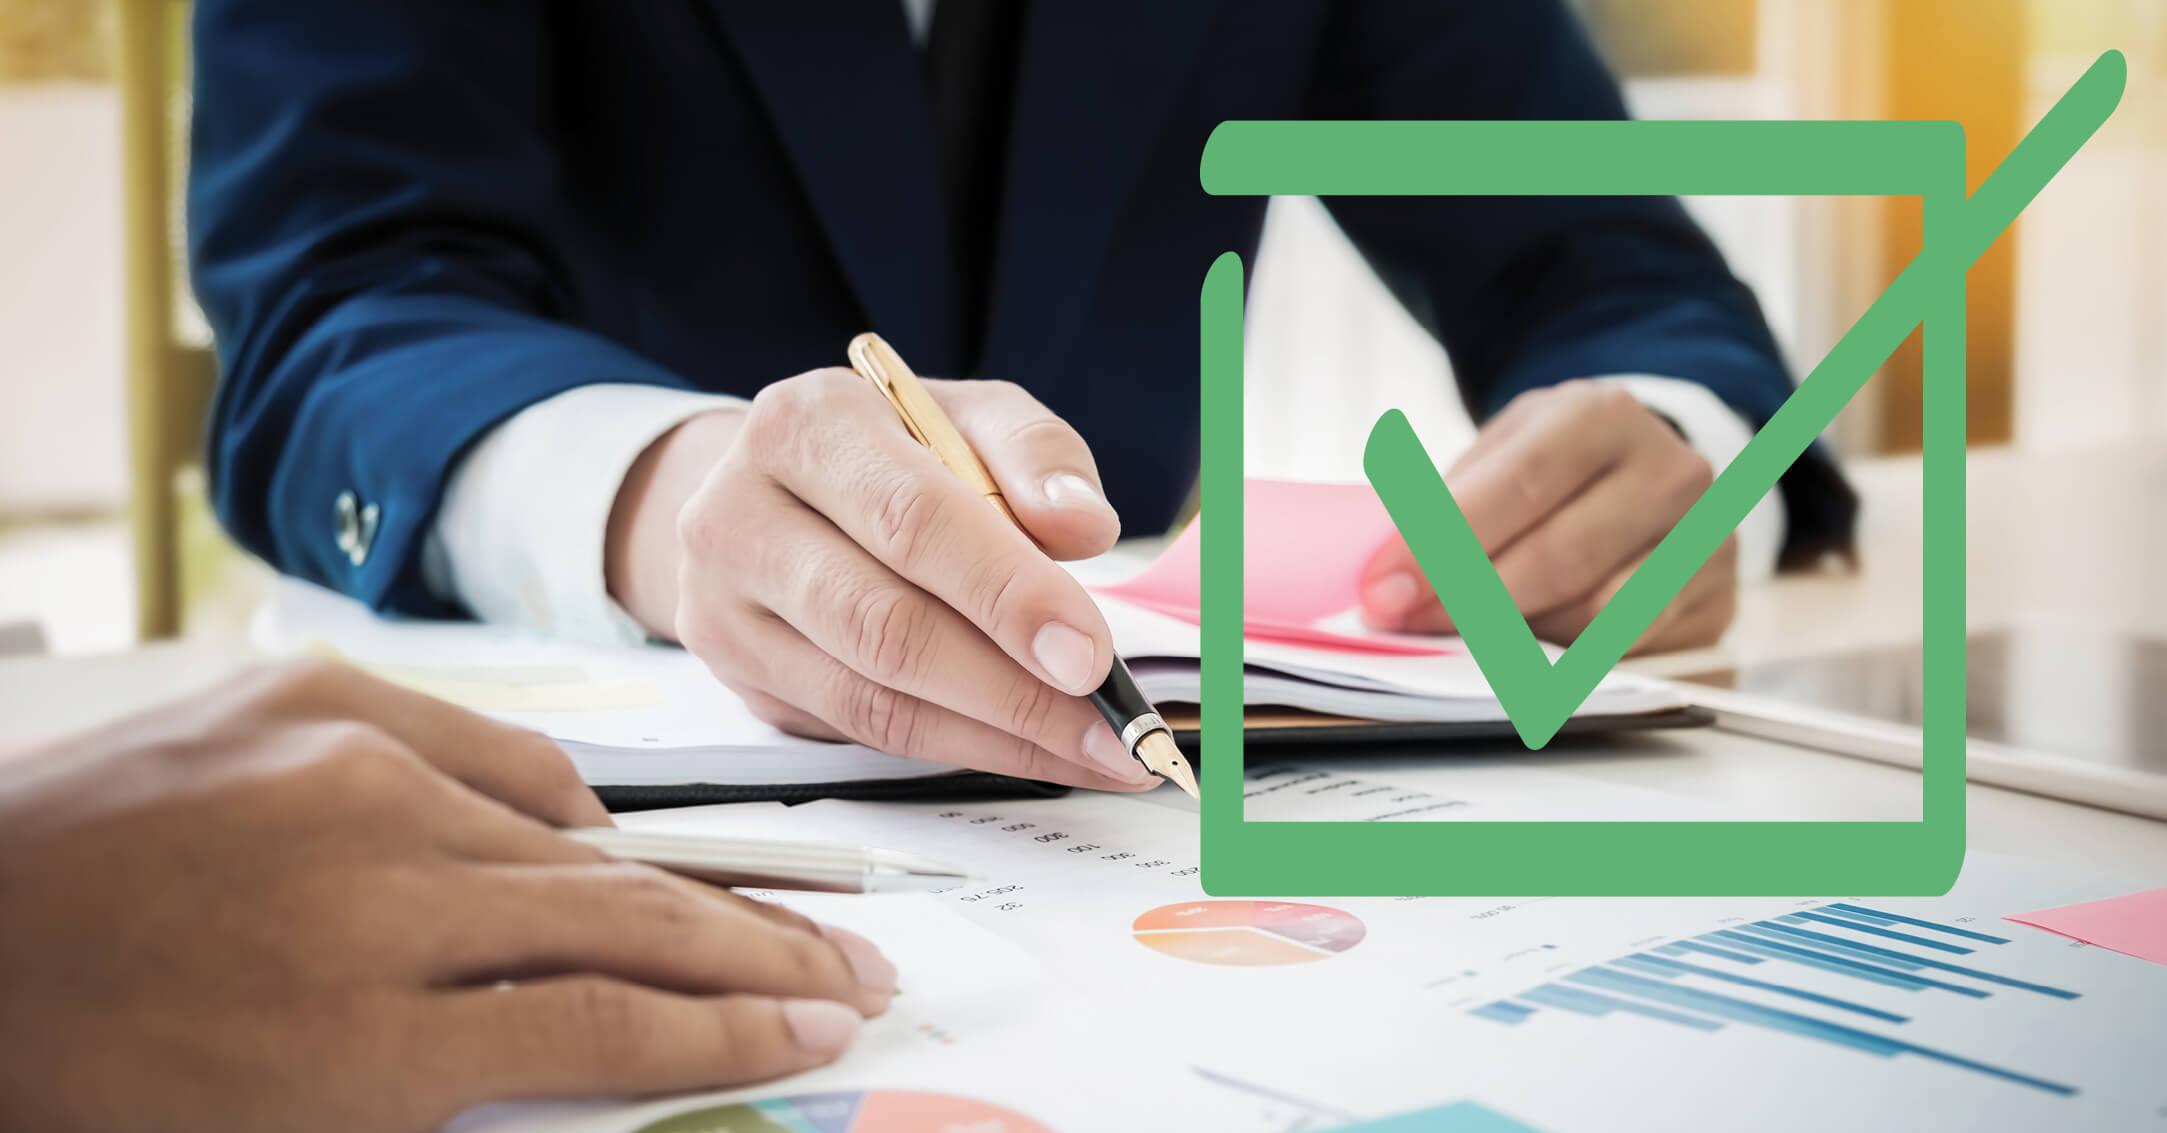 Visionplanner, de geschikte oplossing voor het NOAB-kantoor